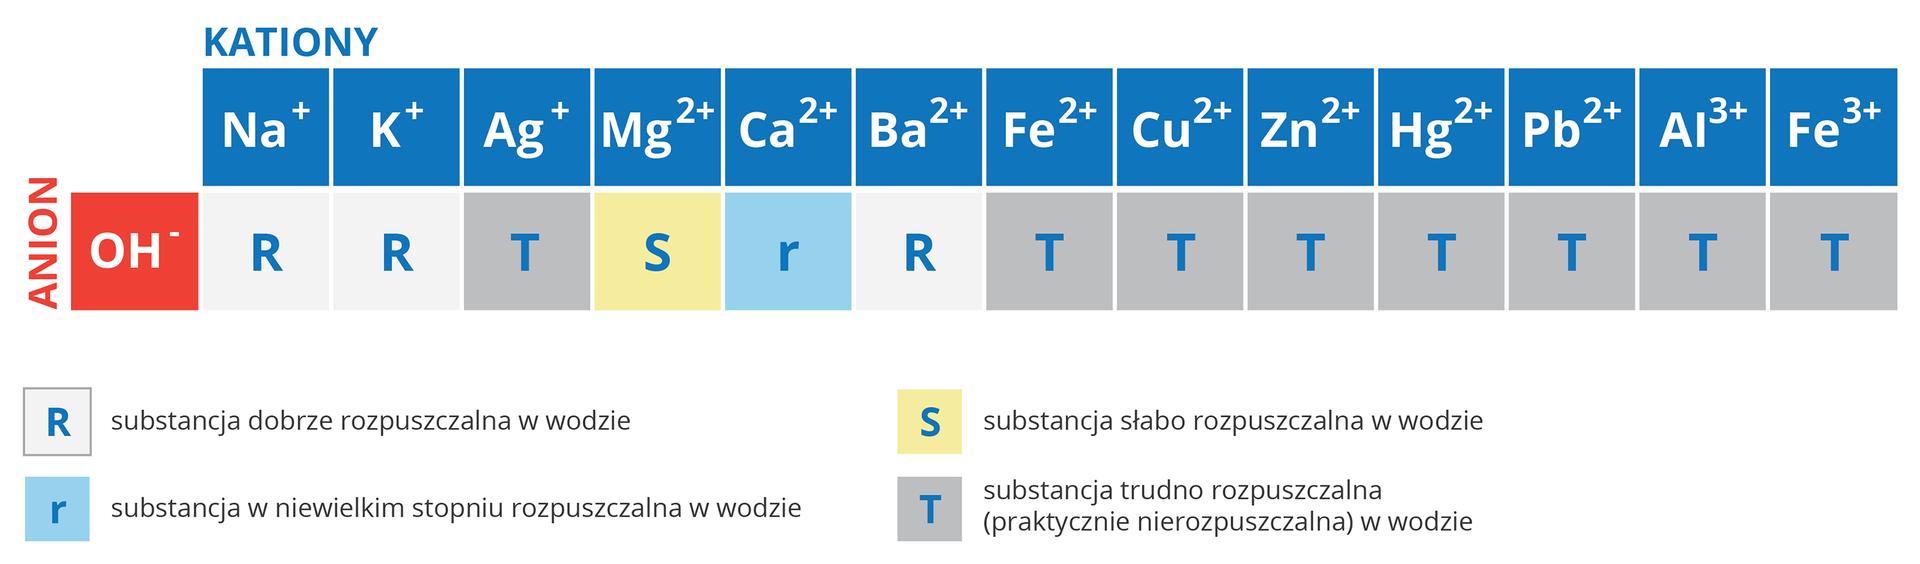 Tabela przedstawia rozpuszczalność wodorotlenków wwodzie. Zaprezentowano wniej trzynaście wodorotlenków dwunastu różnych metali, zktórych jeden, żelazo, wodmianie dwu itrójwartościowej. Klasyfikacja została dokonana poprzez przypisanie do jednej zczterech grup: substancje dobrze rozpuszczalne wwodzie oznaczone wielką literą R, substancje wniewielkim stopniu rozpuszczalne wwodzie oznaczone małą literą r, substancje słabo rozpuszczalne wwodzie oznaczone literą Soraz substancje trudno rozpuszczalne wwodzie, czyli praktycznie nierozpuszczalne, oznaczone literą T. Ztabeli wynika, że dobrze rozpuszczalne wwodzie są tylko wodorotlenki sodu, potasu ibaru. Nieco gorzej rozpuszcza się wwodzie wodorotlenek wapnia, asłabo rozpuszcza się wodorotlenek magnezu. Pozostałe zaprezentowane wtabeli wodorotlenki są praktycznie nierozpuszczalne.